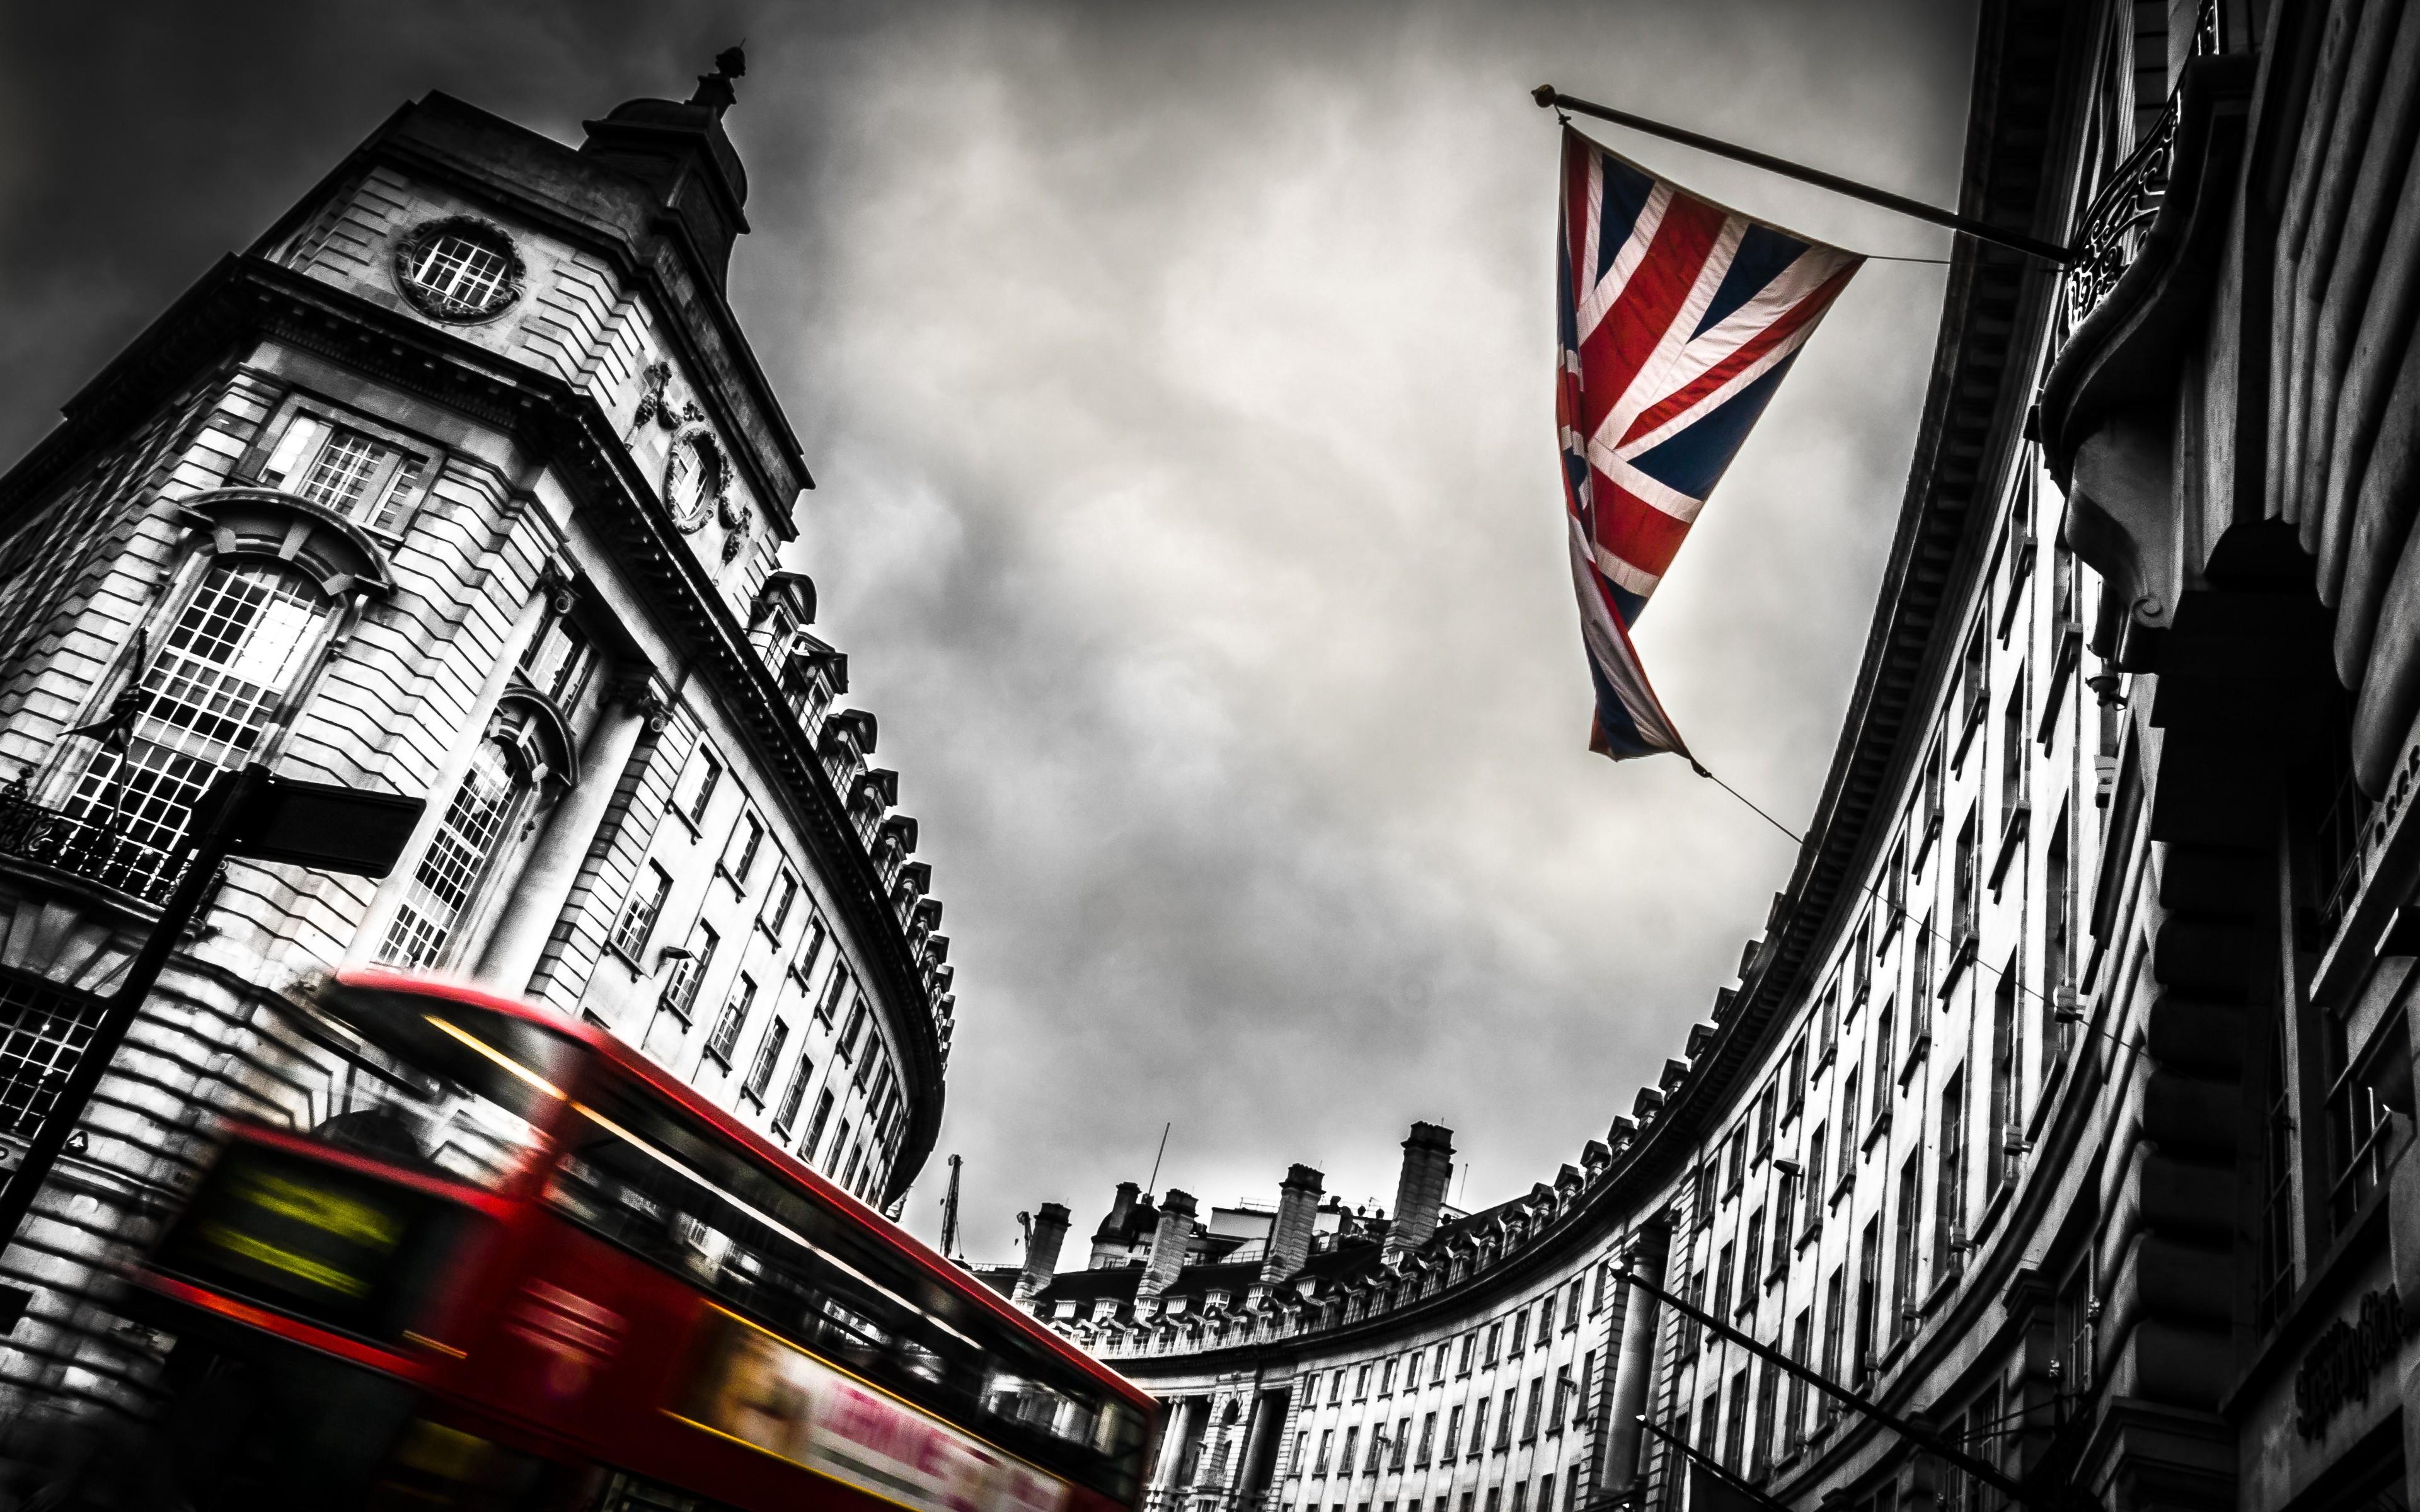 картинки на тематику лондон моей